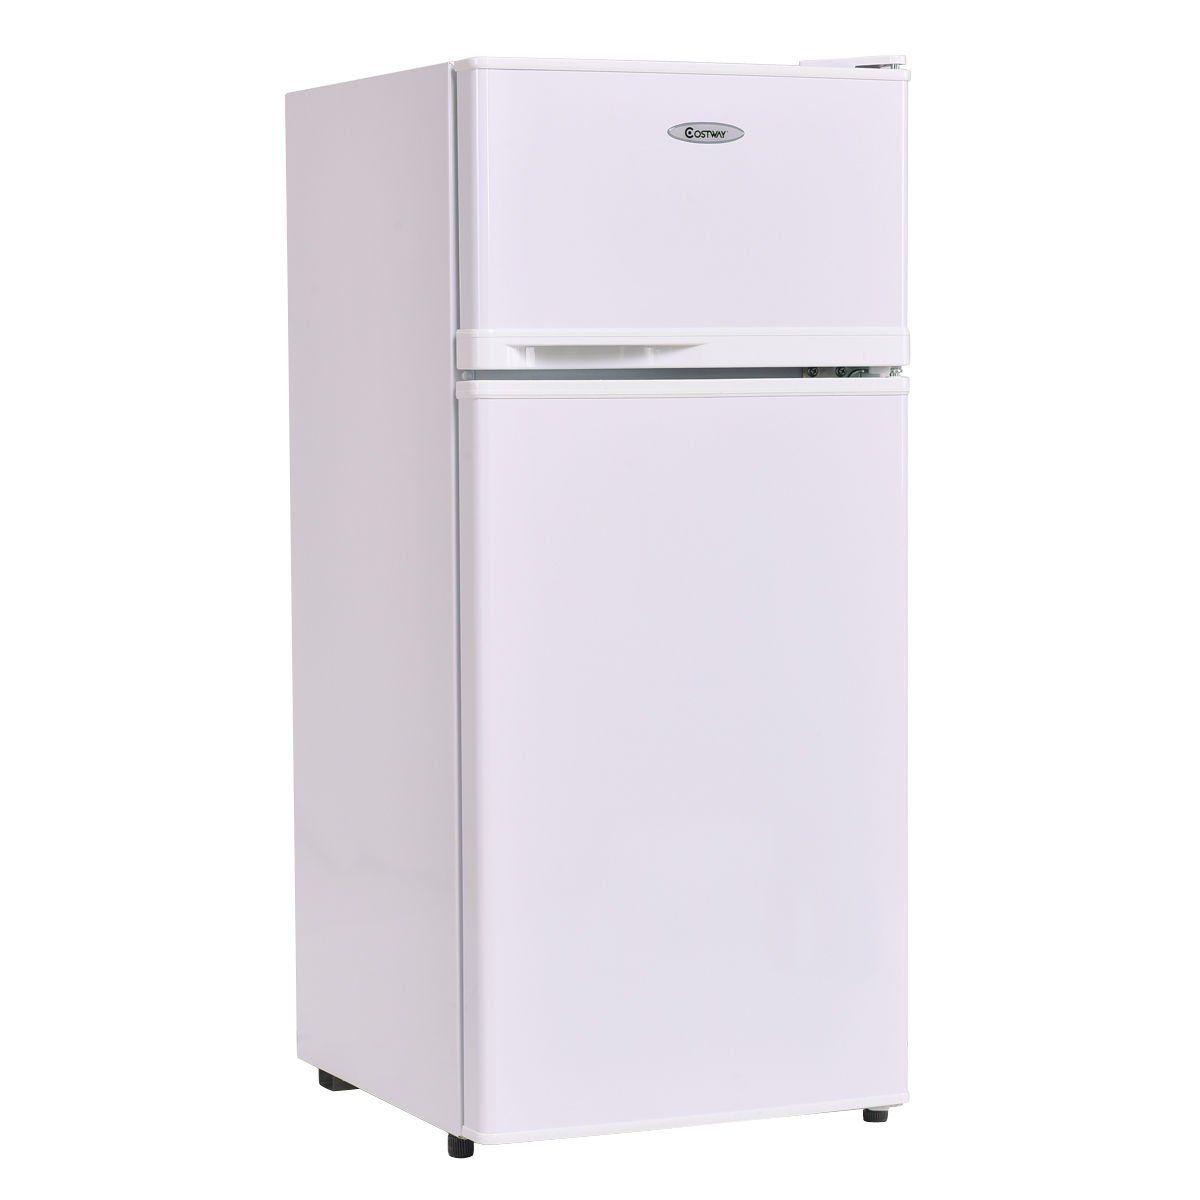 Amazon.com: Costway 3.4 Cu. Ft. 2 Door Compact Mini Refrigerator Freezer